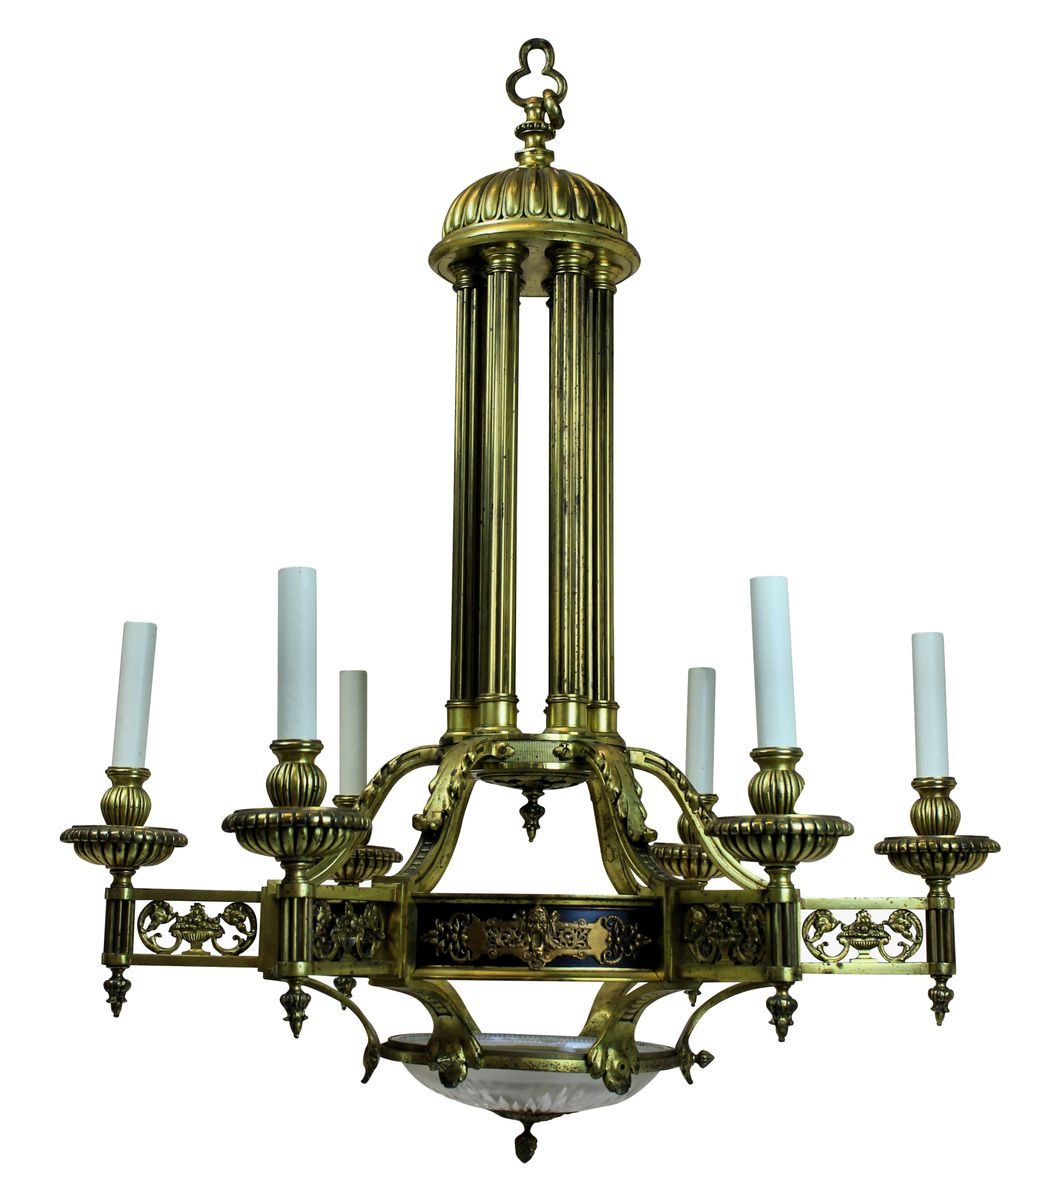 Antiker französischer vergoldeter Bronze Kronleuchter